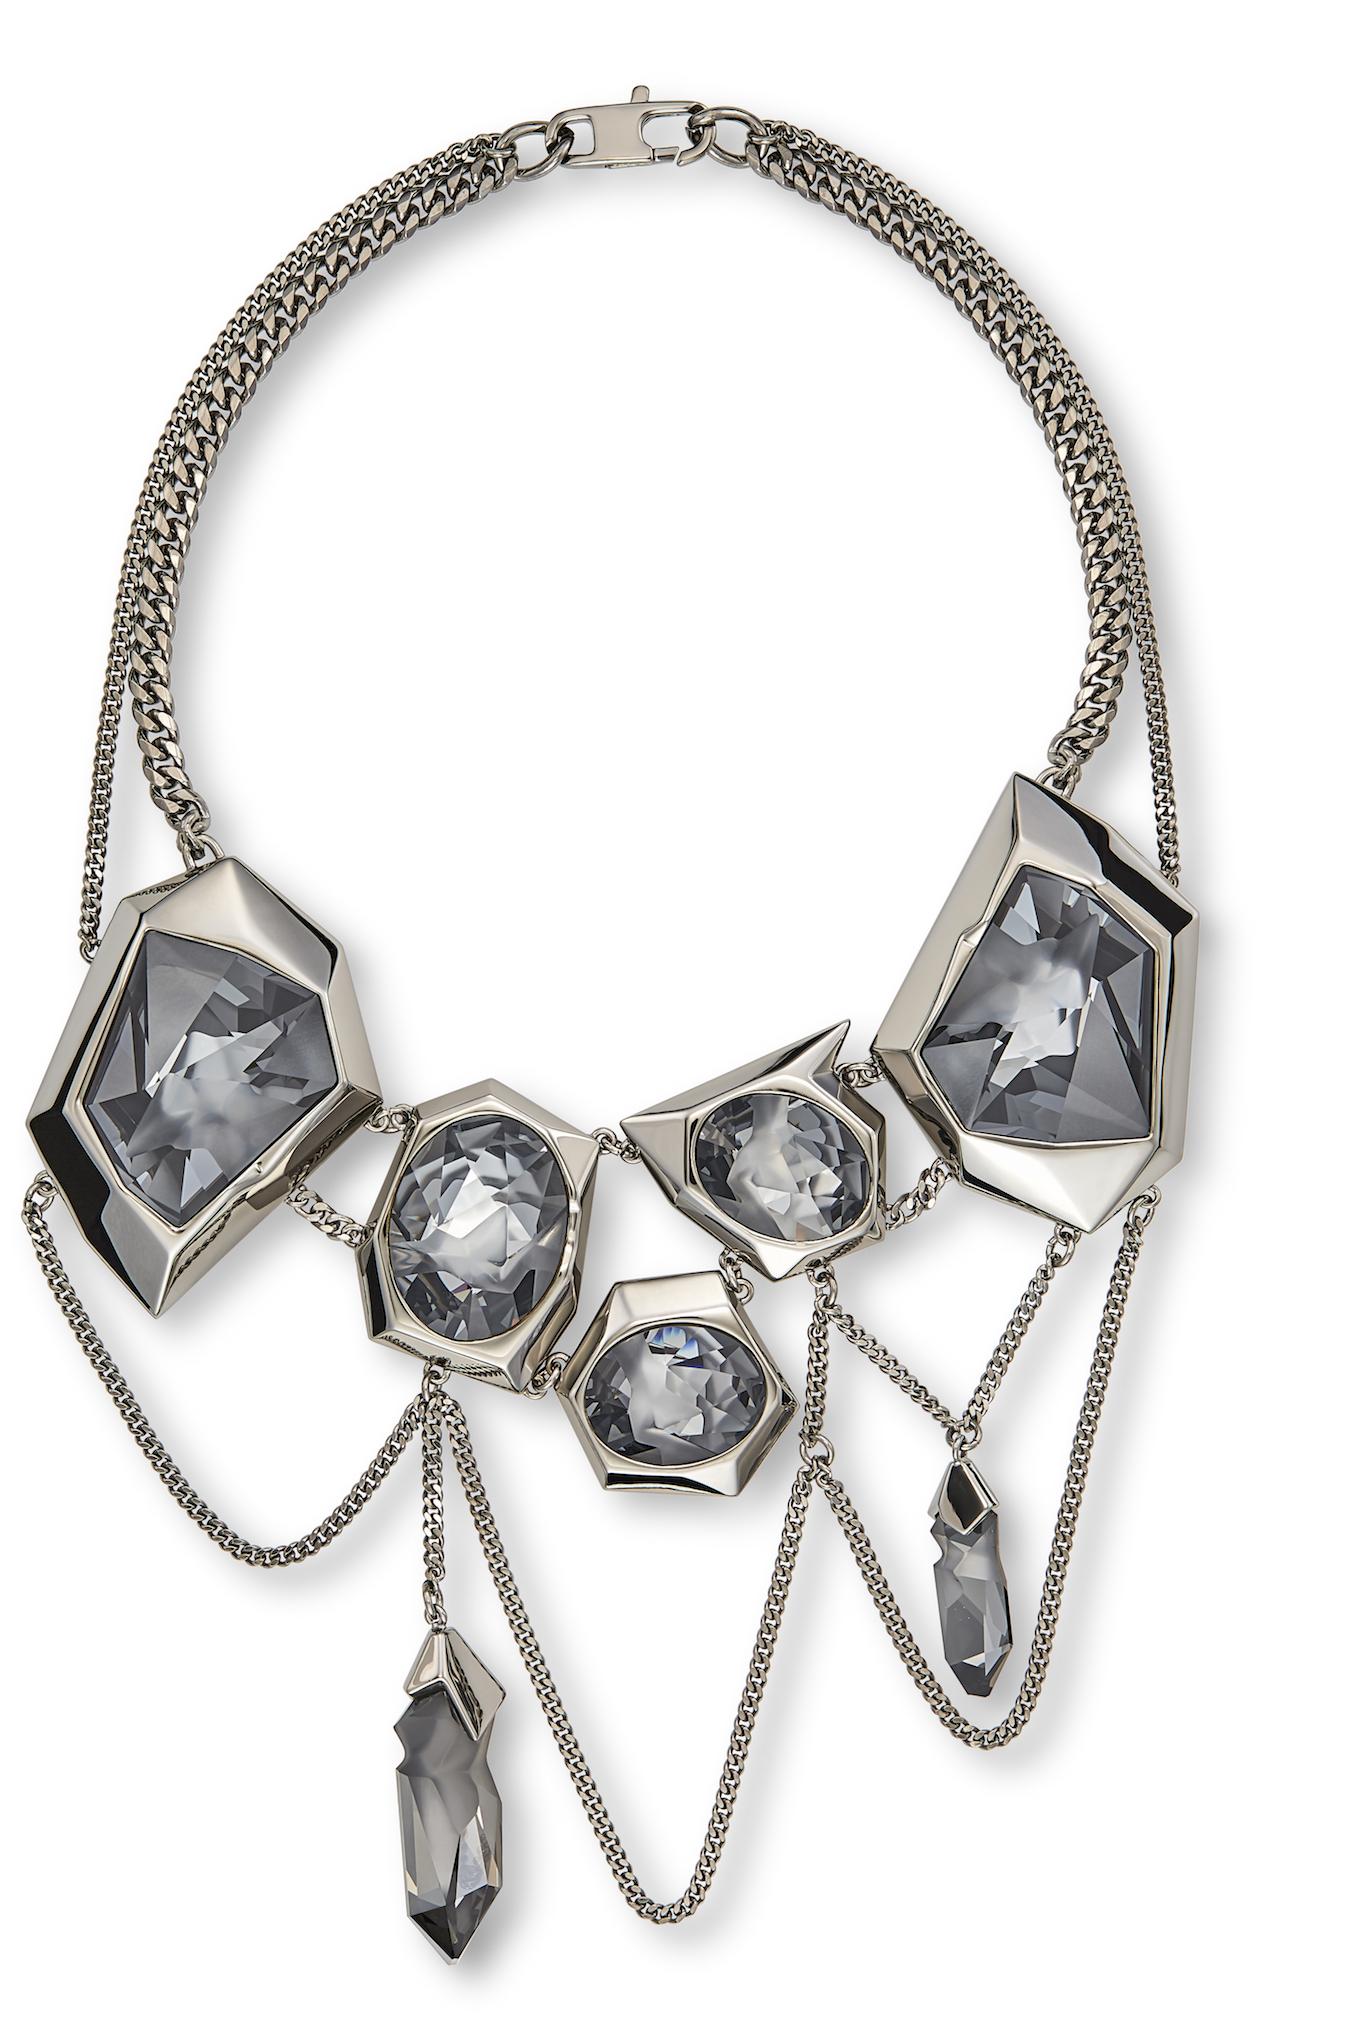 Atelier Swarovski by Jean Paul Gaultier - necklace